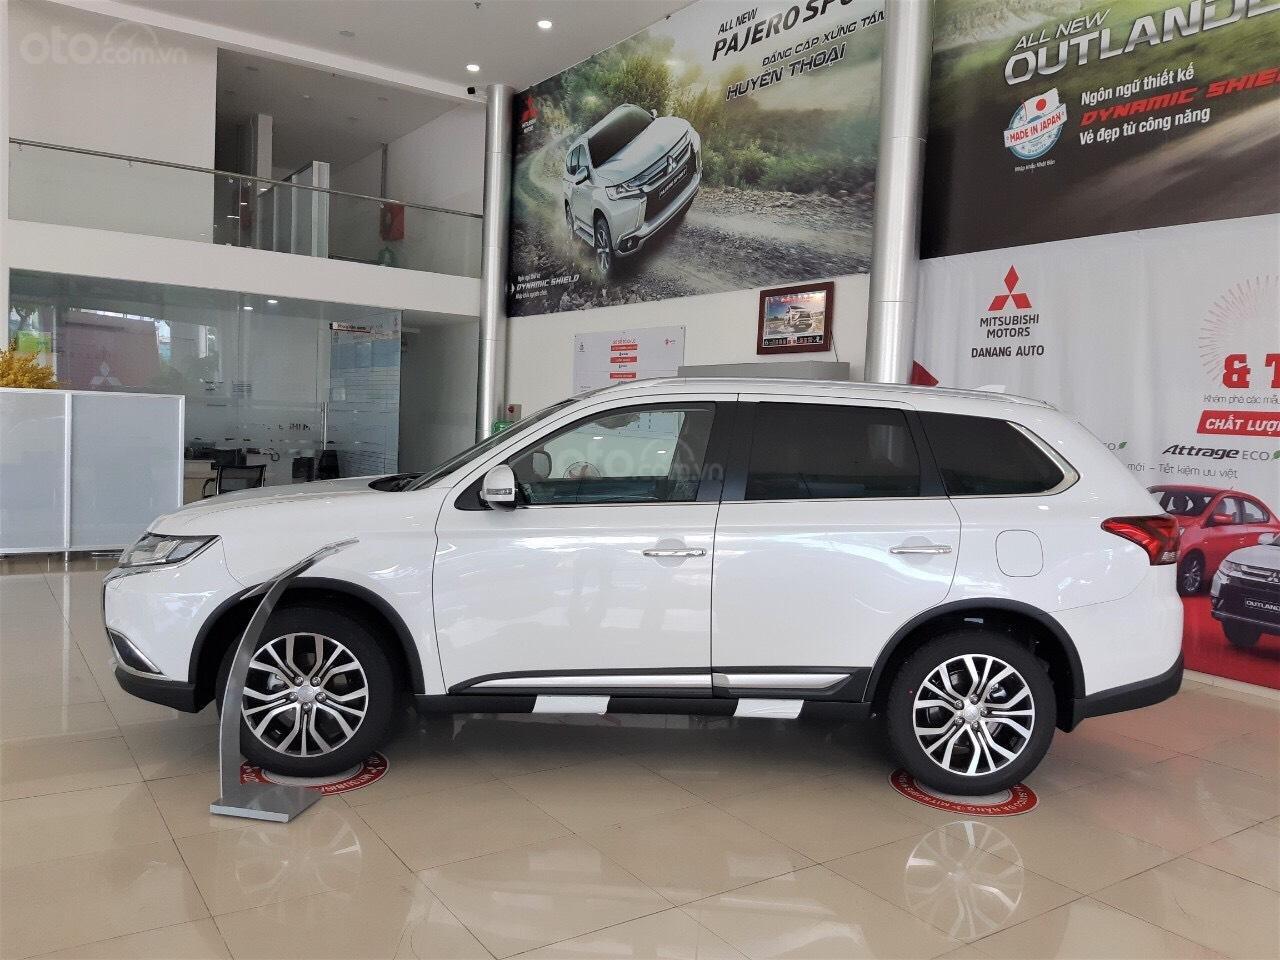 """""""Hot"""" bán xe Mitsubishi Outlander 2019, 7 chỗ, tiết kiệm, trả góp 80%, liên hệ: 0935.782.728 để nhận nhiều ưu đãi (3)"""